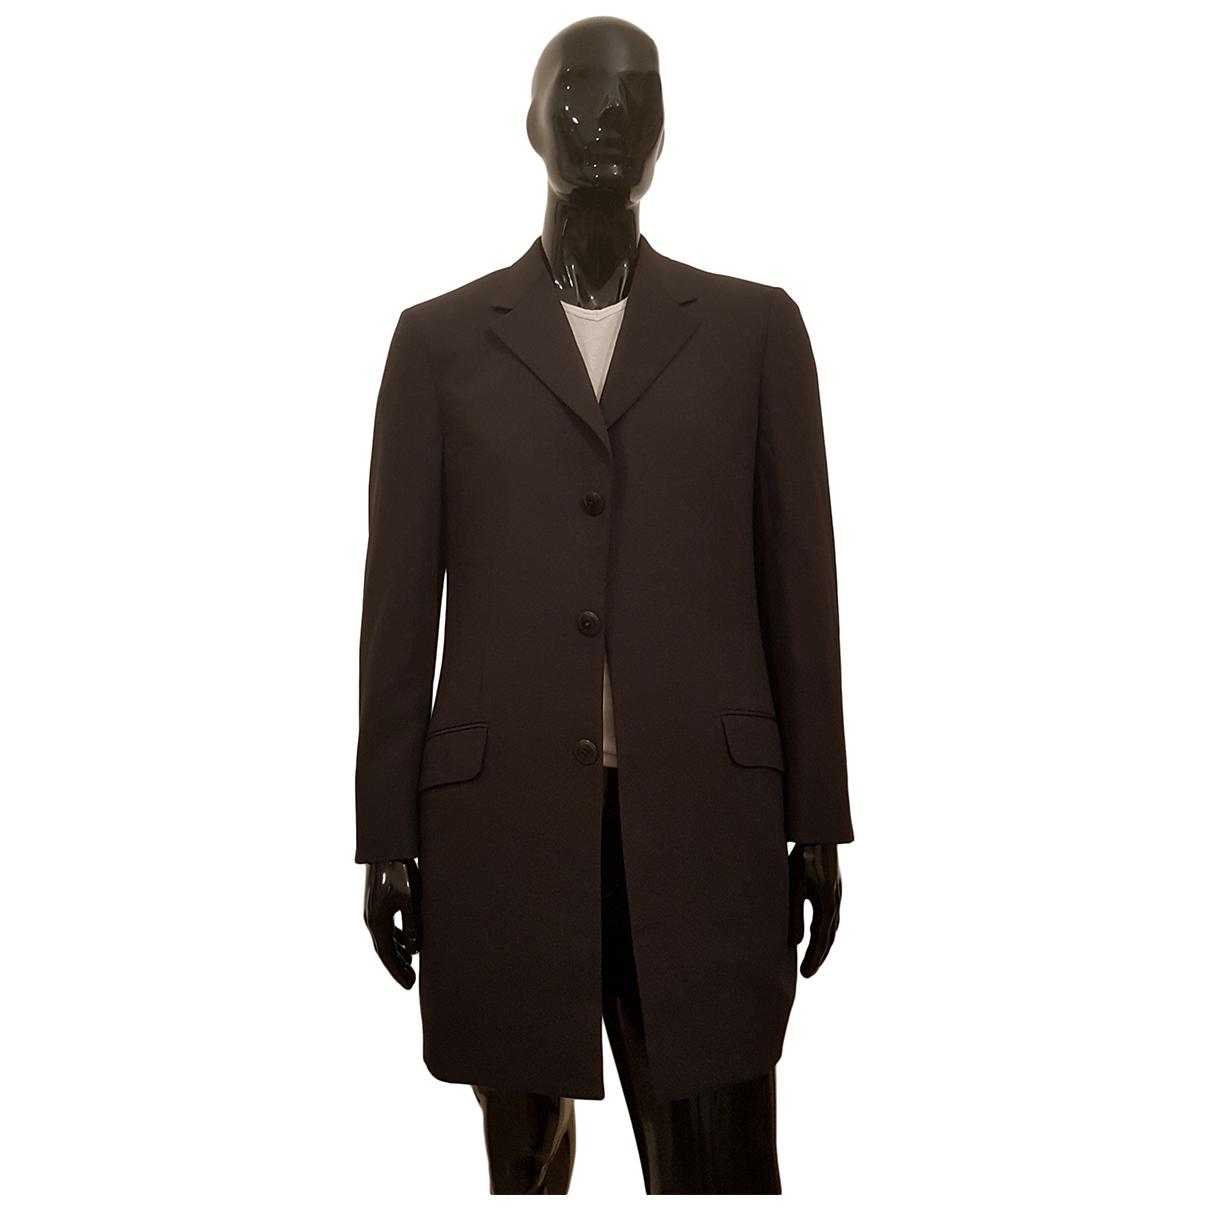 Gianni Versace - Vestes.Blousons   pour homme en laine - anthracite